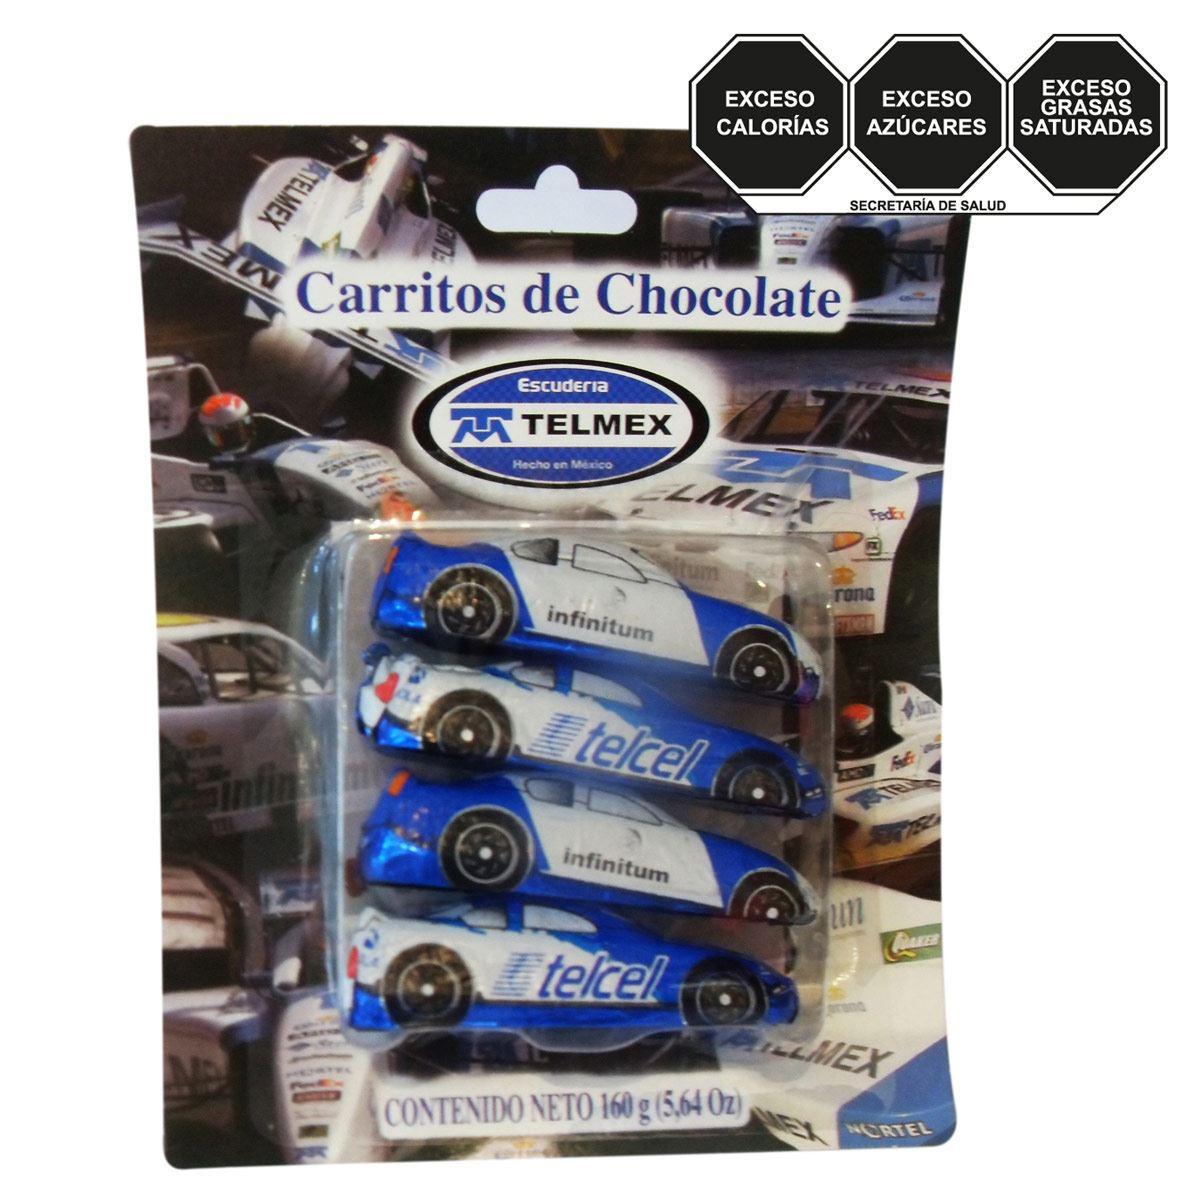 Cochecitos de Chocolate Telmex de 160 gramos Azulejos